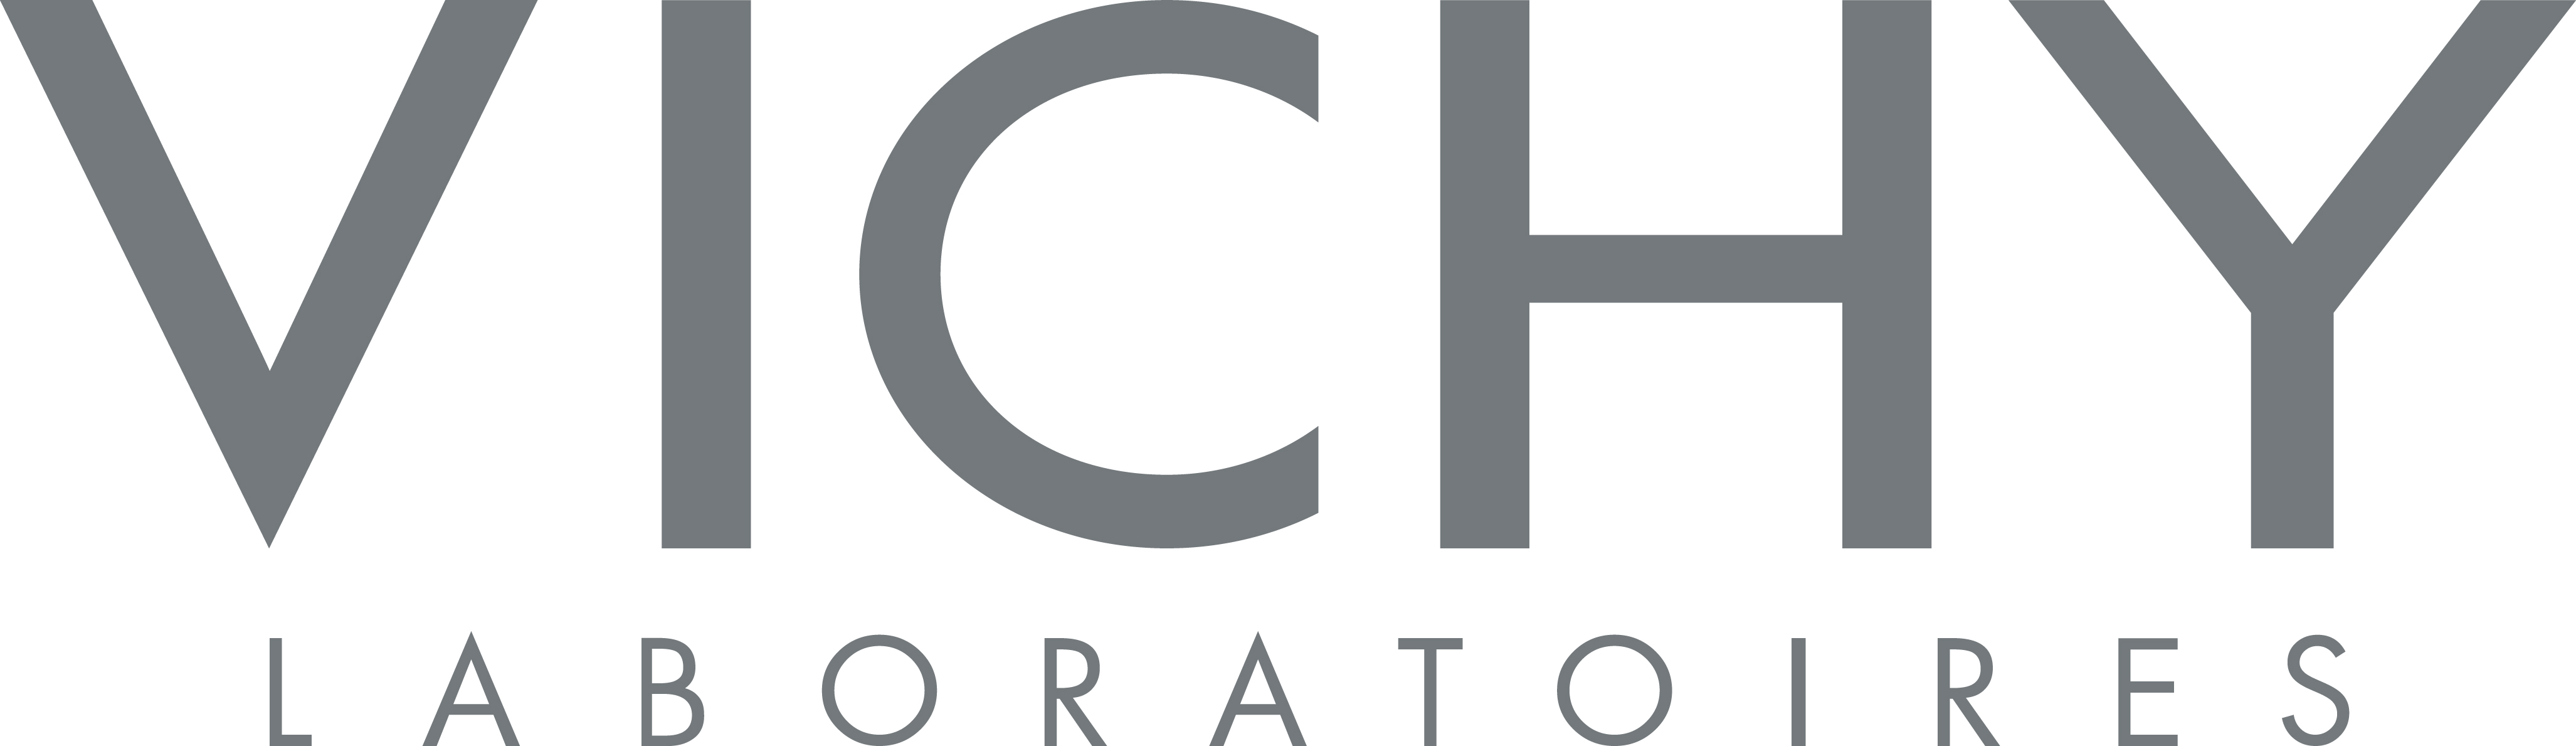 Vichy verzorgingsproducten 5€ terugbetaald cashback op myShopi